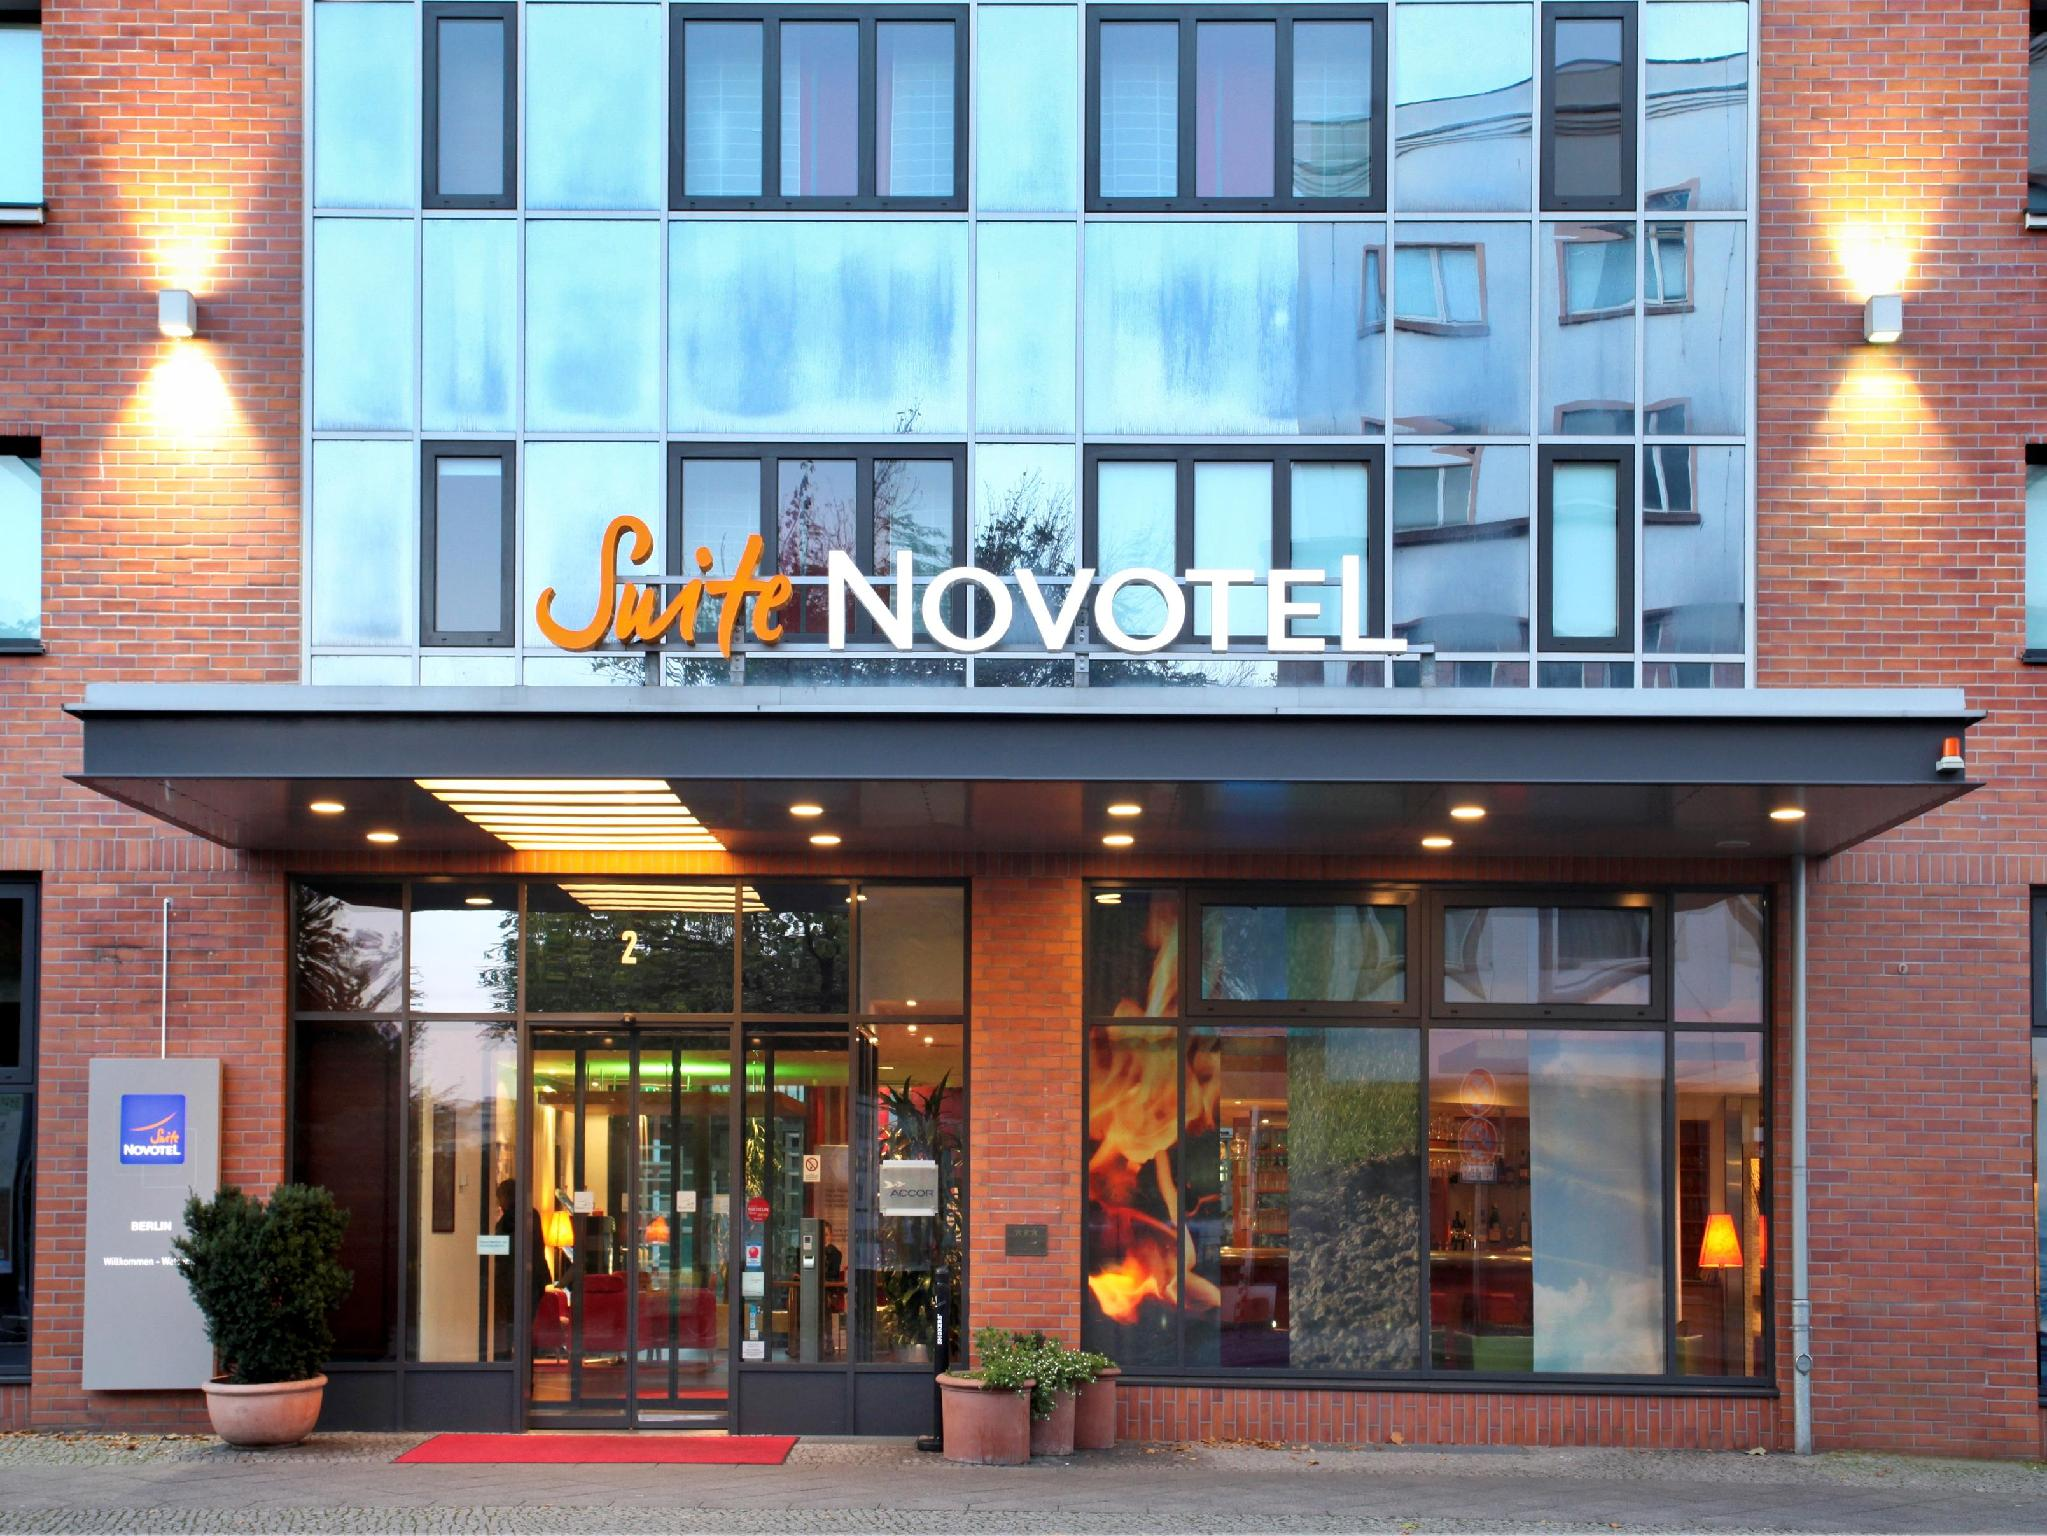 스위트 노보텔 베를린 포츠담 플라츠 호텔